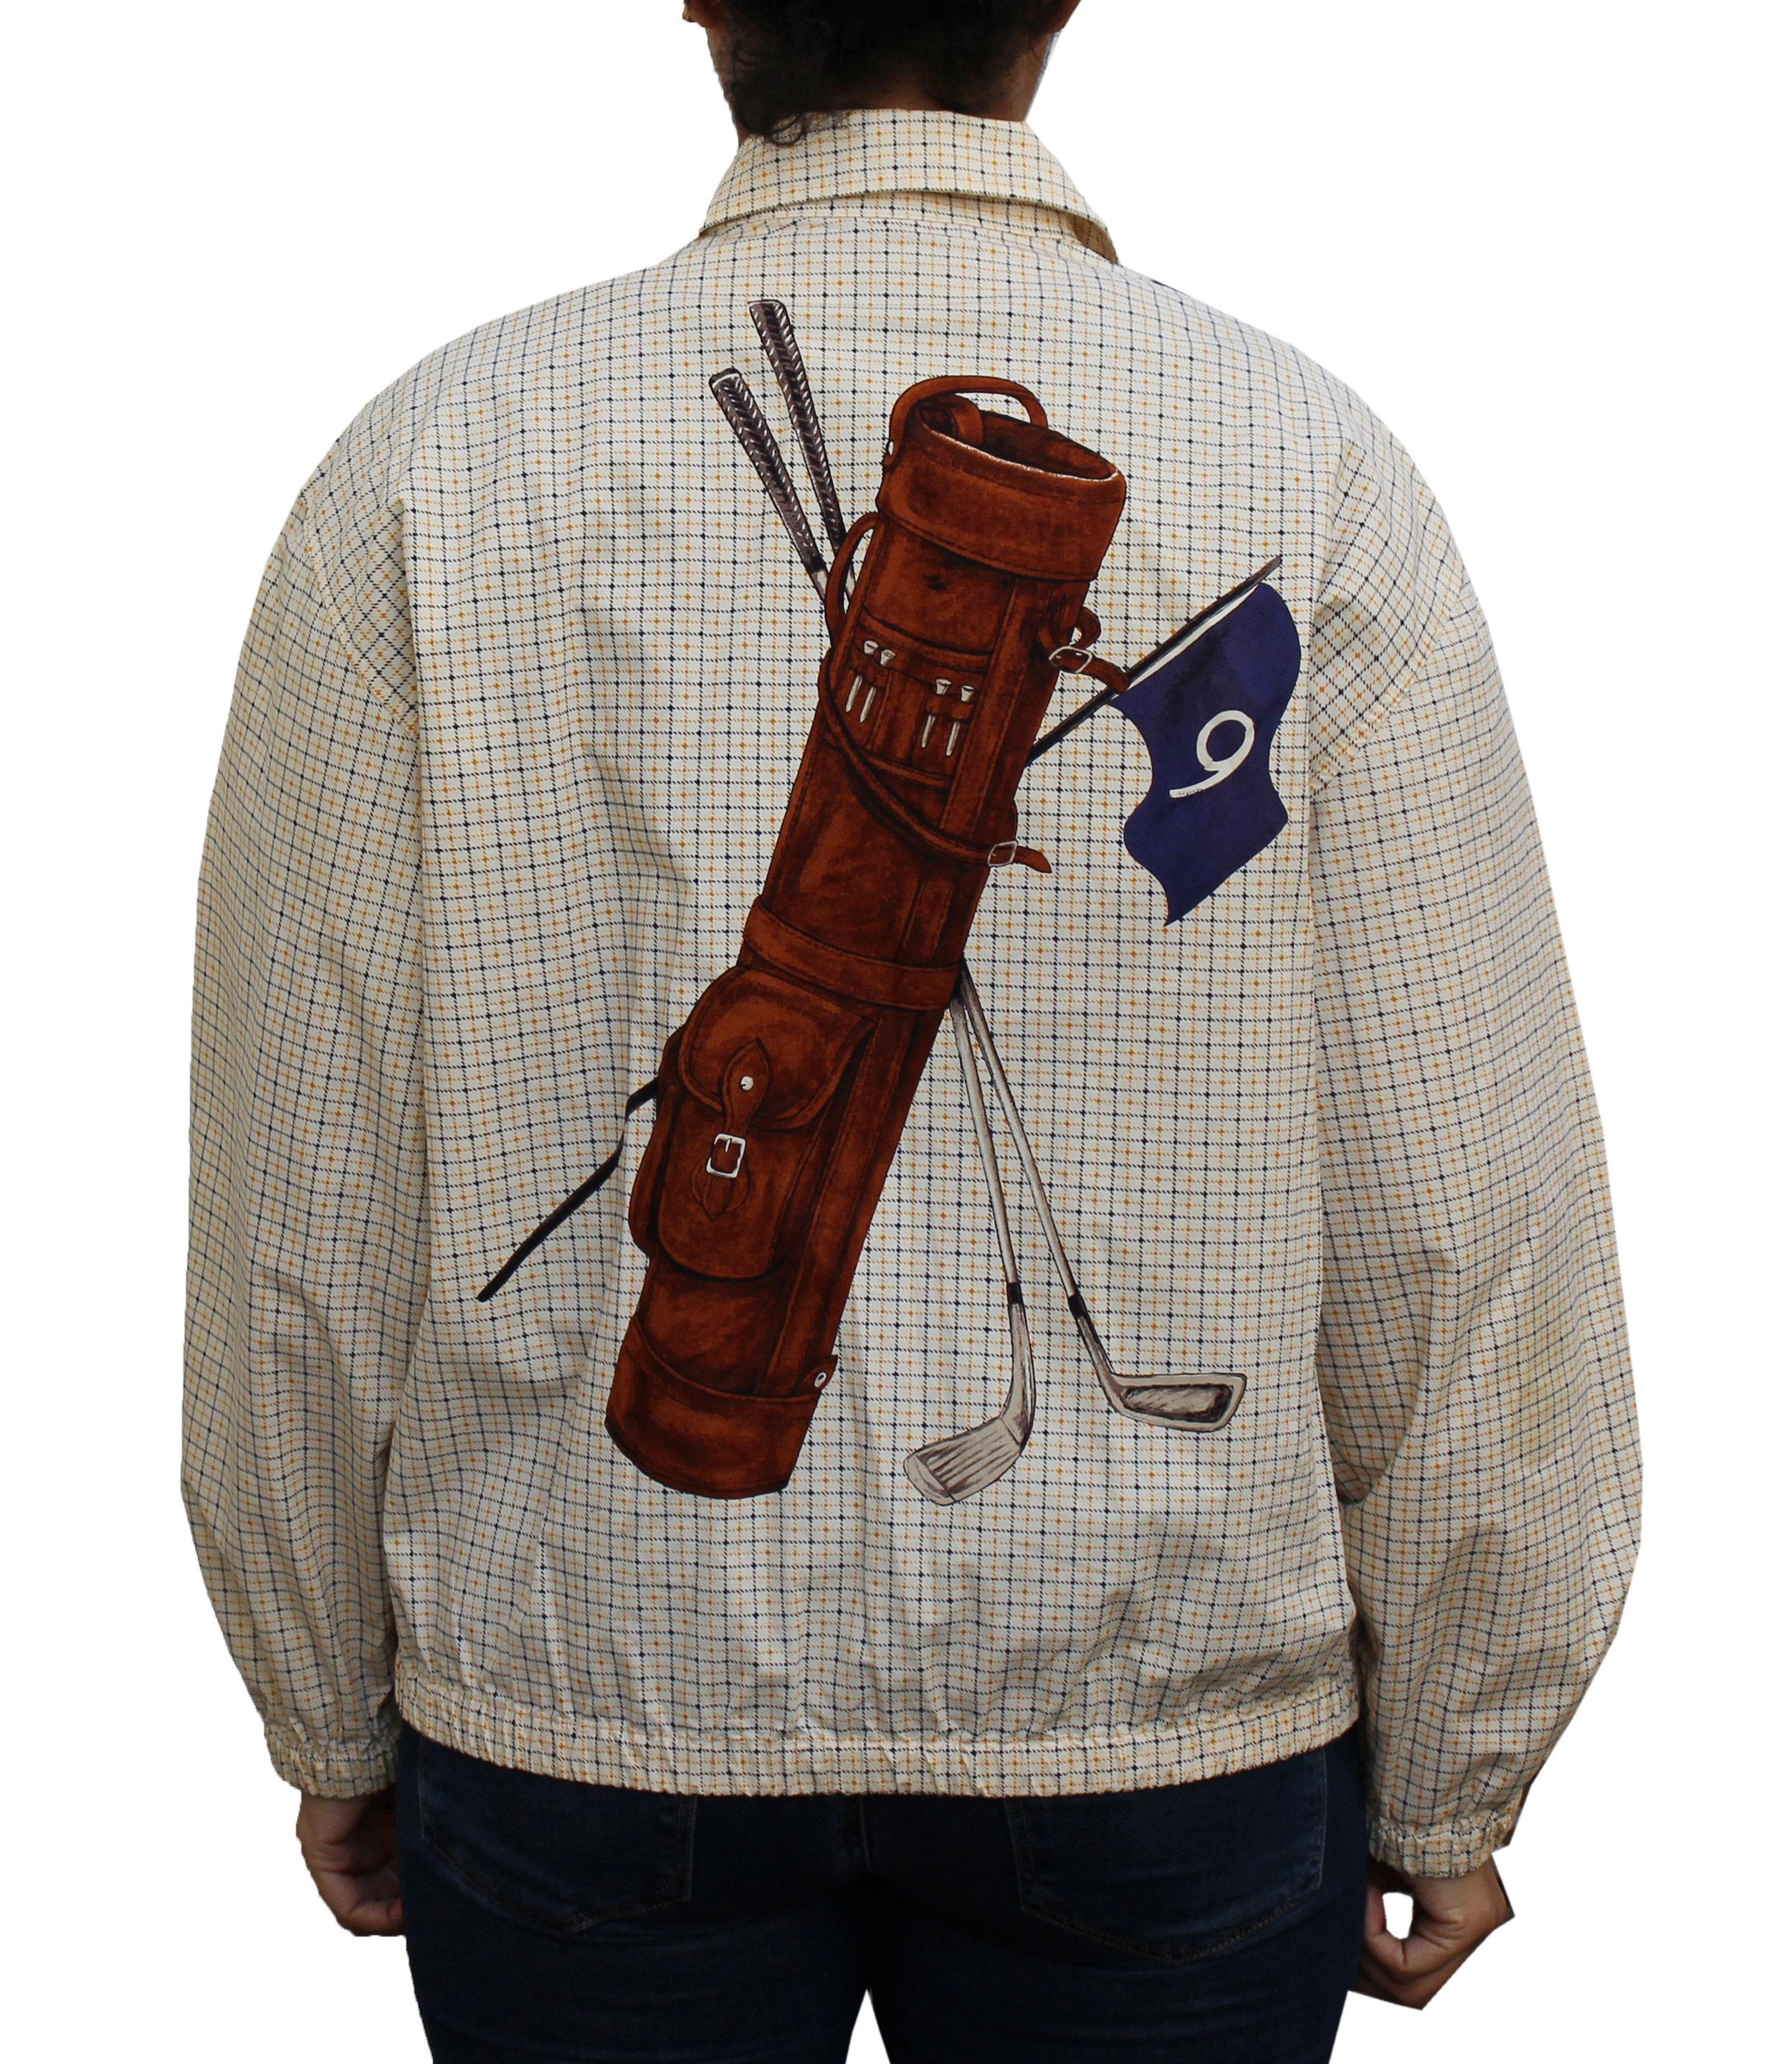 Vintage Polo Ralph Lauren Golf Bag Jacket (Size Women`s M)